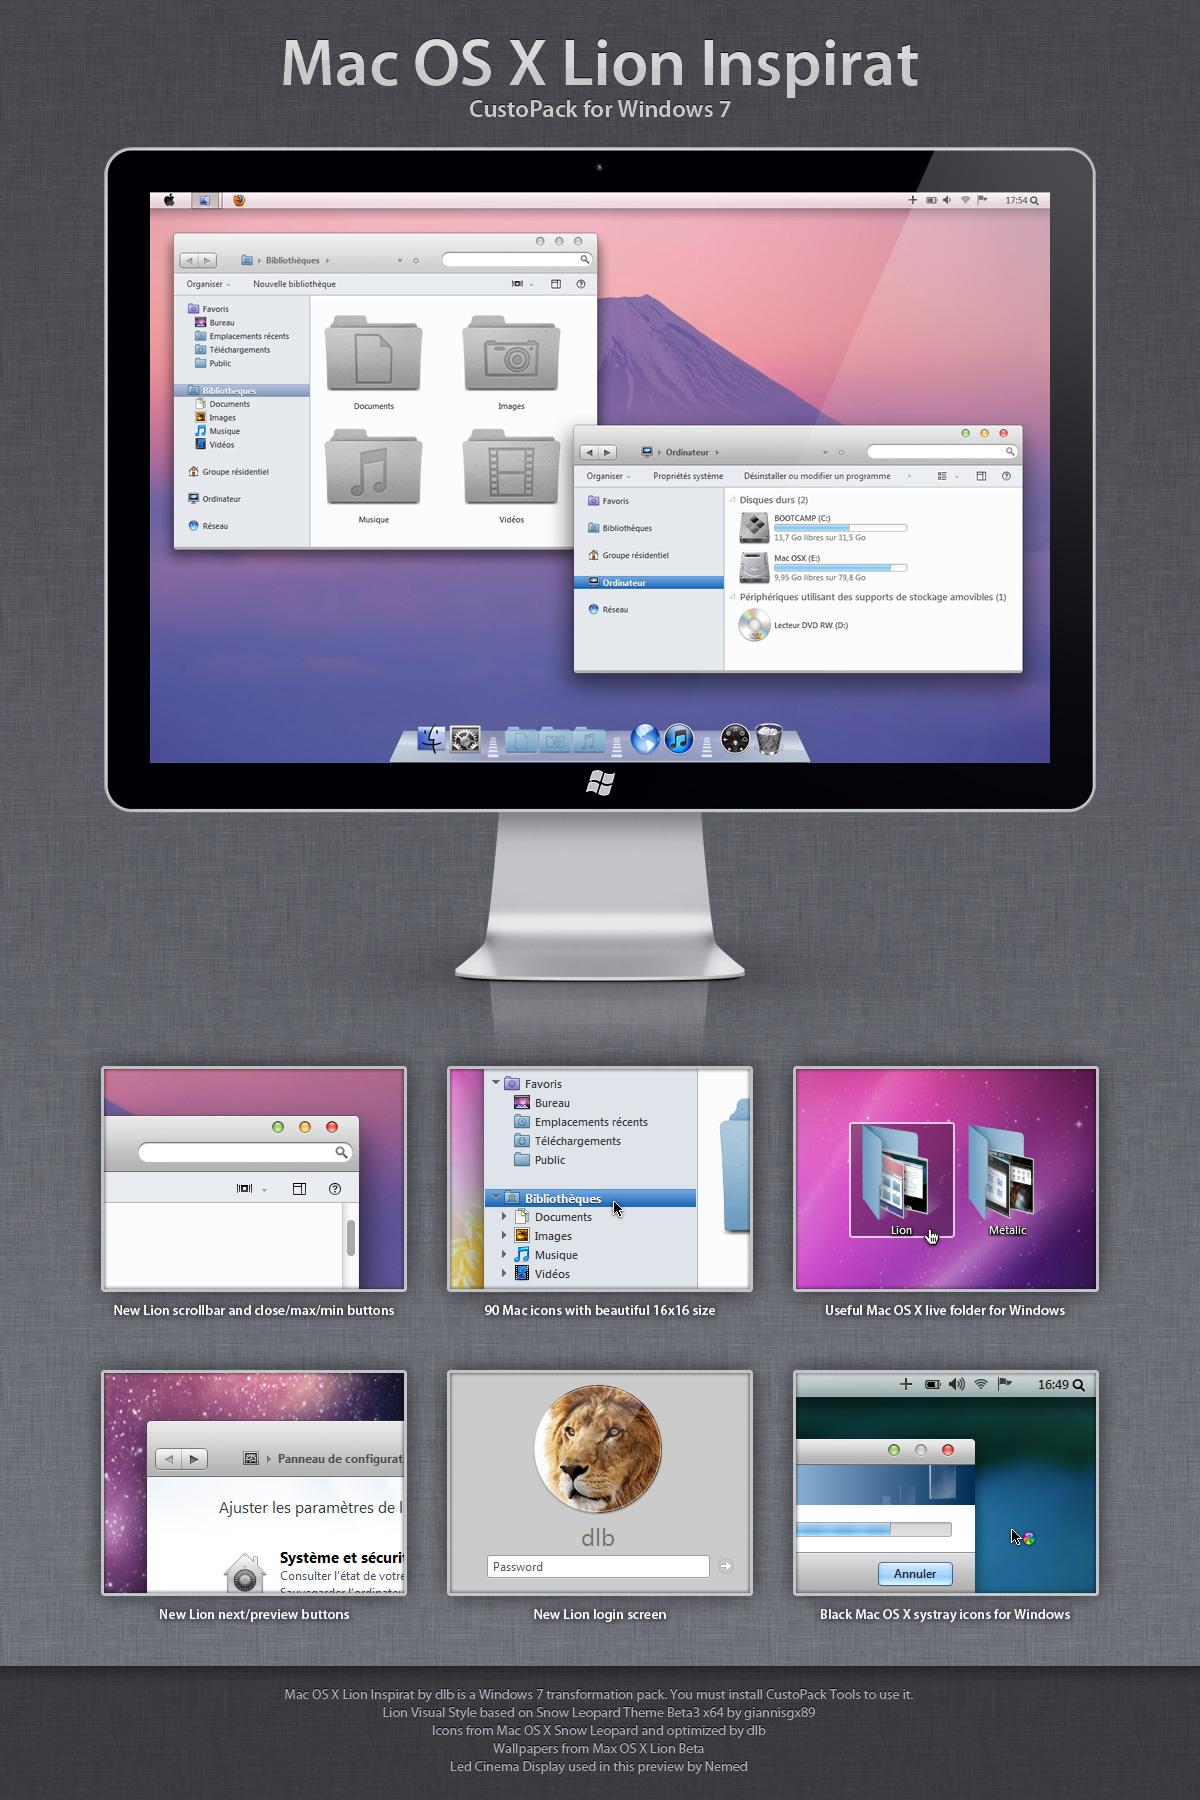 Mac OS X Lion Inspirat DP3